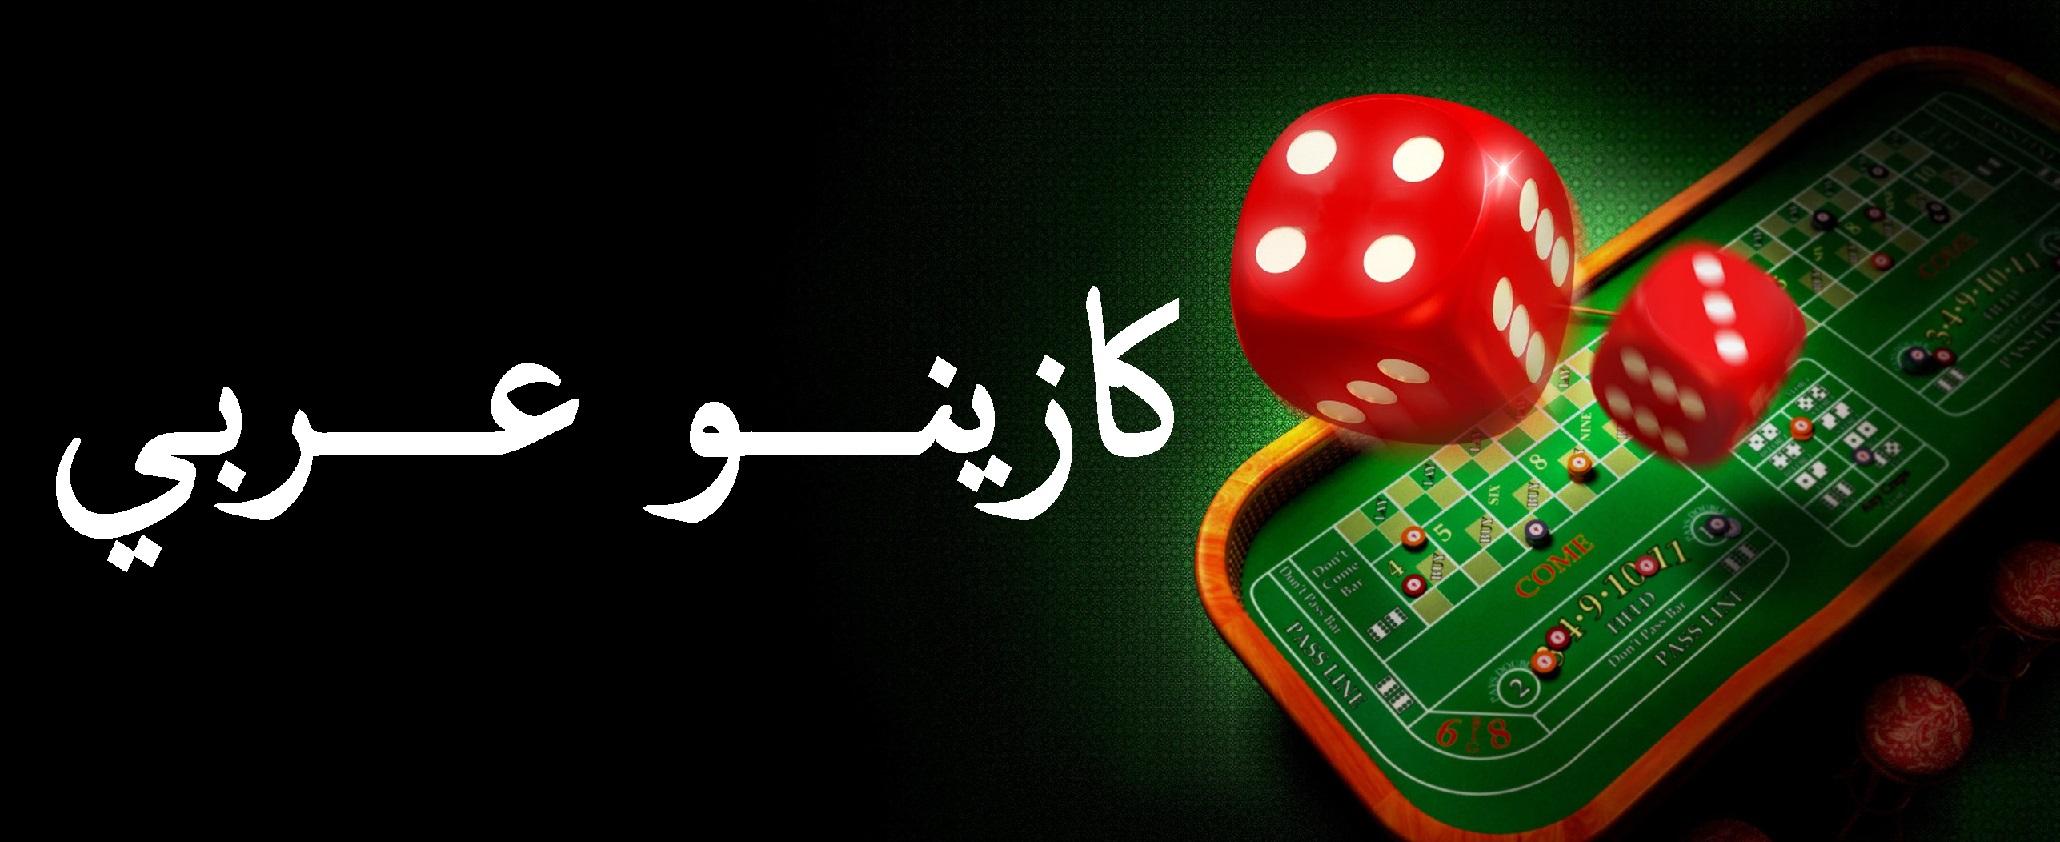 اللاعبين السعوديين الدفع - 23854